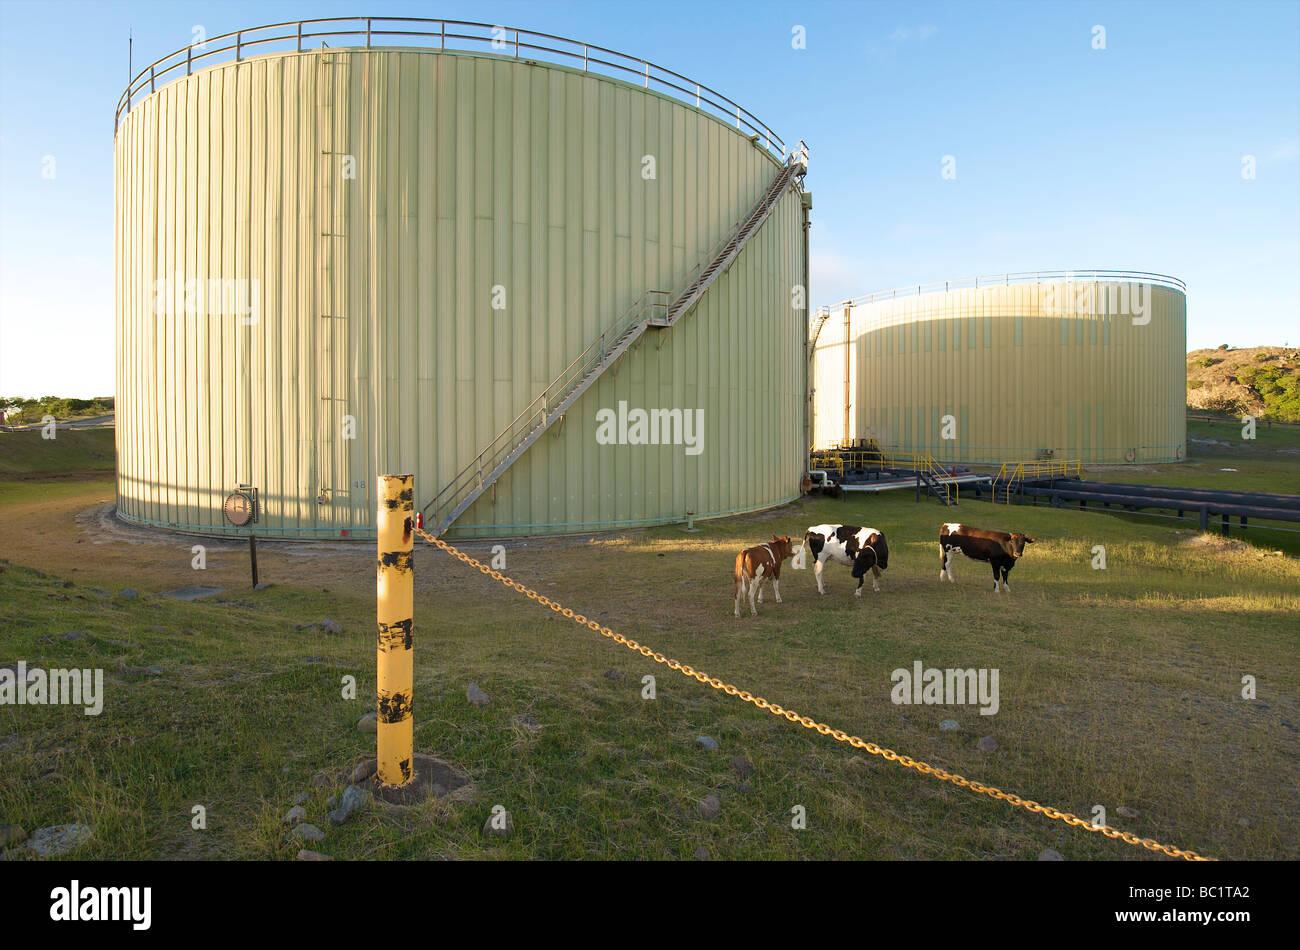 Sint Eustatius terminals of Statia Oil - Stock Image